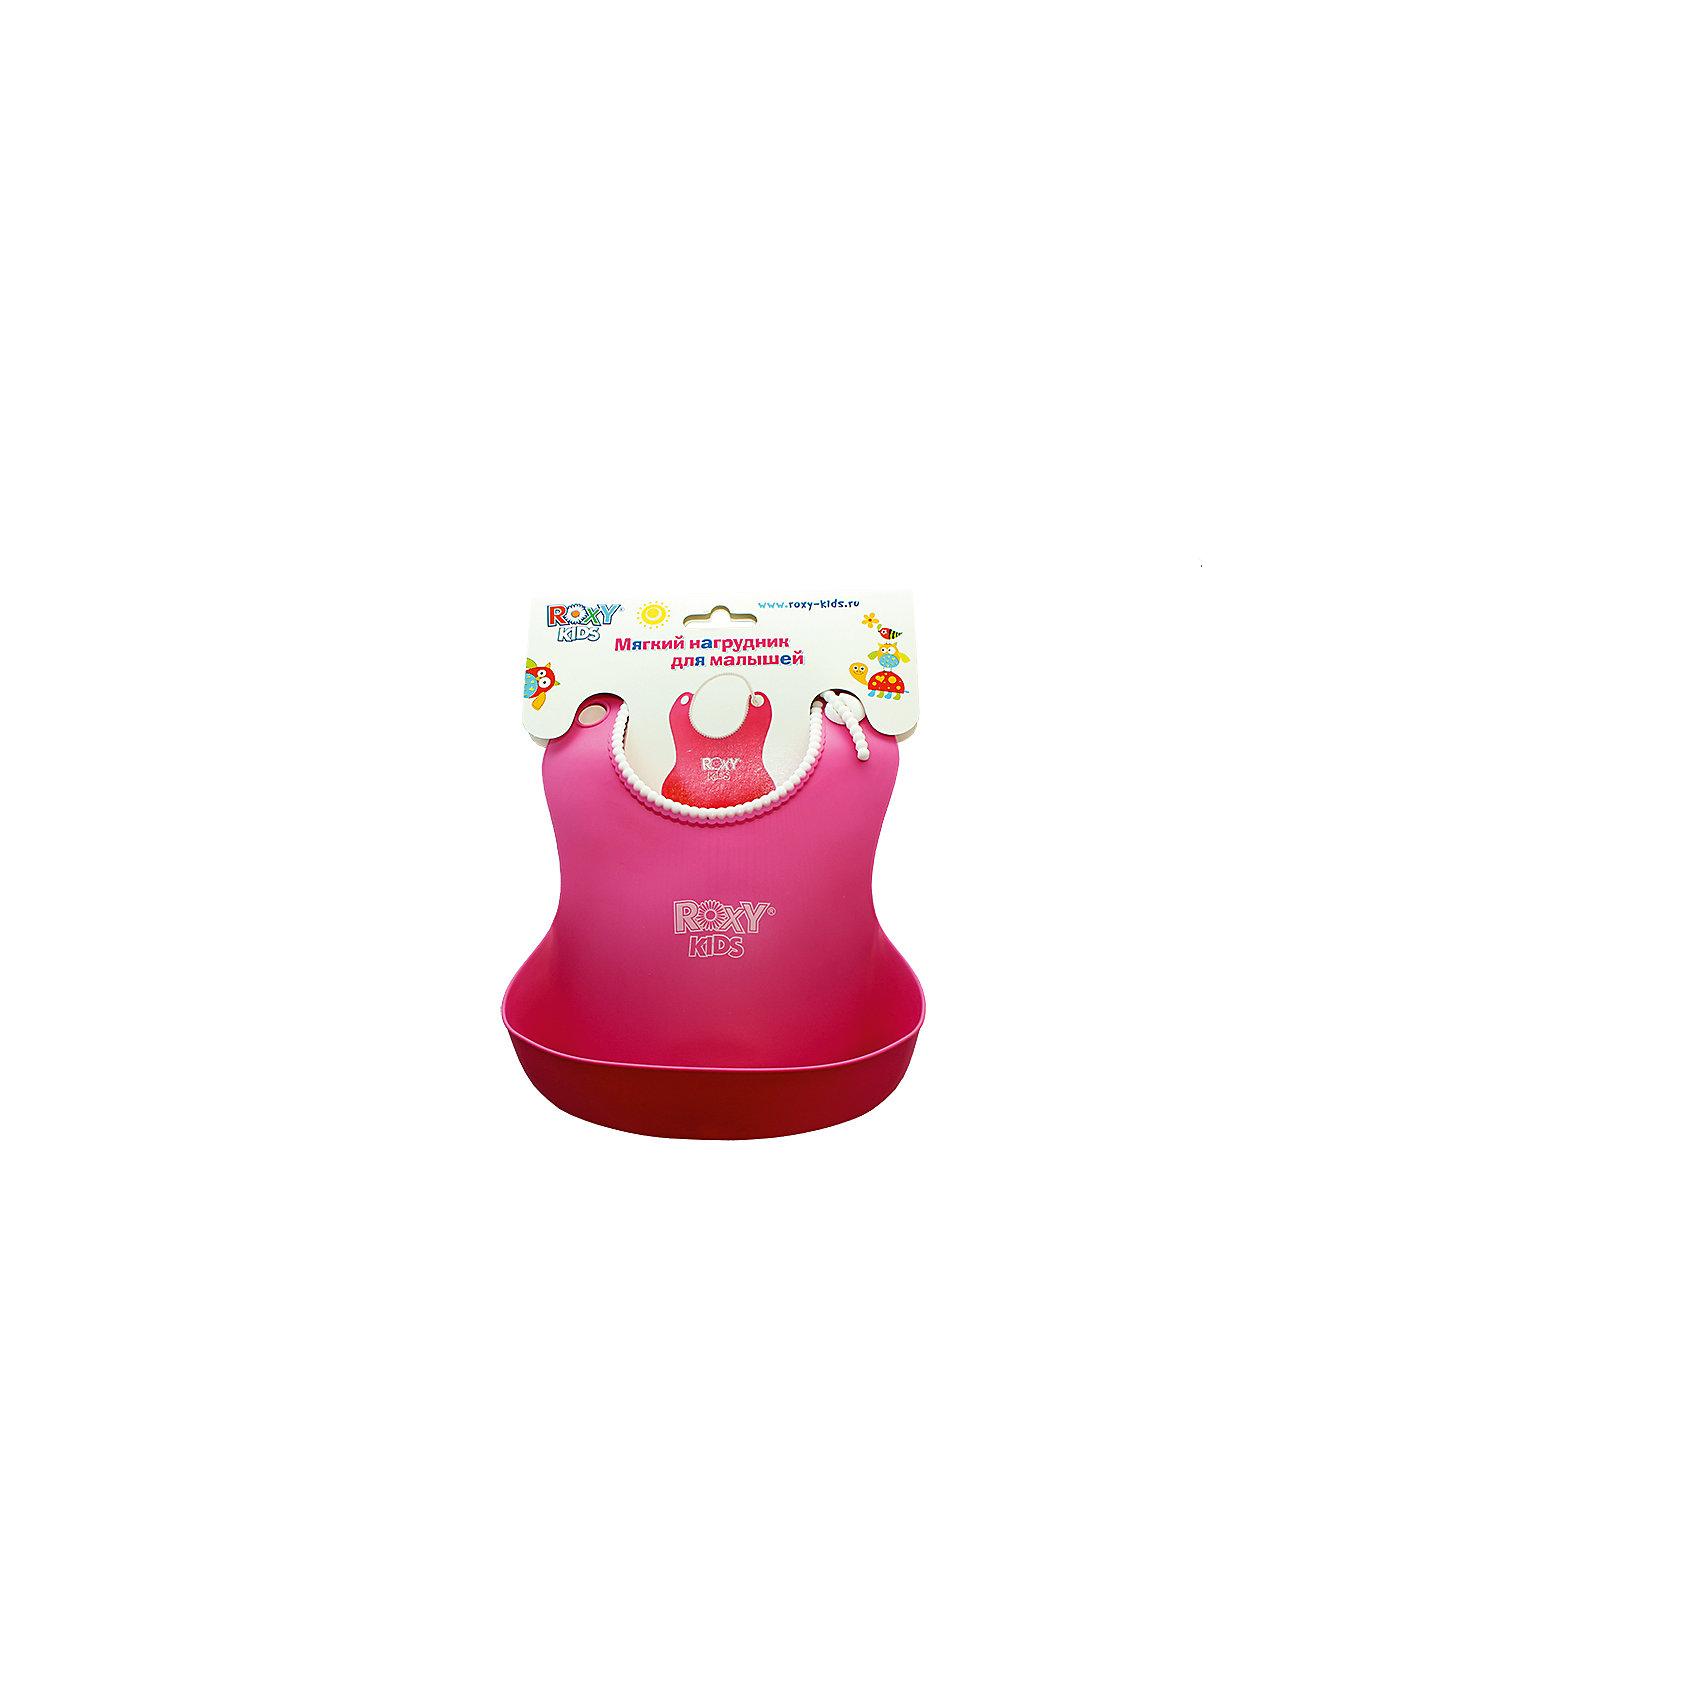 Мягкий нагрудник с кармашком, Roxy-Kids, розовыйДизайн Мягкого нагрудника с кармашком, Roxy-Kids (Рокси-Кидс), розовый продуман таким образом, чтобы обеспечить максимальное удобство и комфорт при его использовании маме и малышу. Он сделан из пластичного и приятного на ощупь материала, который не натирает и не царапает нежную кожу ребенка, а удобные застежки сзади позволяют регулировать степень прилегания нагрудника к шее ребенка. <br><br>Характеристики:<br>-Цвет: розовый<br>-Имеет специальный кармашек для крошек<br>-Легко моется мыльным раствором<br>-Устойчивость к запахам<br><br>Дополнительная информация:<br>-Материал: полиэстат<br>-Размер горловины: 19-30 см<br>-Вес в упаковке: 100 г<br>-Размеры в упаковке (ДхШхВ): 270х210х50 мм<br><br>Нагрудник Рокси-Кидс, розовый – стильный и нужный аксессуар в процессе кормления Вашего малыша!<br><br>Мягкий нагрудник с кармашком, Roxy-Kids (Рокси-Кидс), розовый можно купить в нашем магазине.<br><br>Ширина мм: 270<br>Глубина мм: 210<br>Высота мм: 50<br>Вес г: 100<br>Цвет: розовый<br>Возраст от месяцев: 6<br>Возраст до месяцев: 36<br>Пол: Женский<br>Возраст: Детский<br>SKU: 4026293